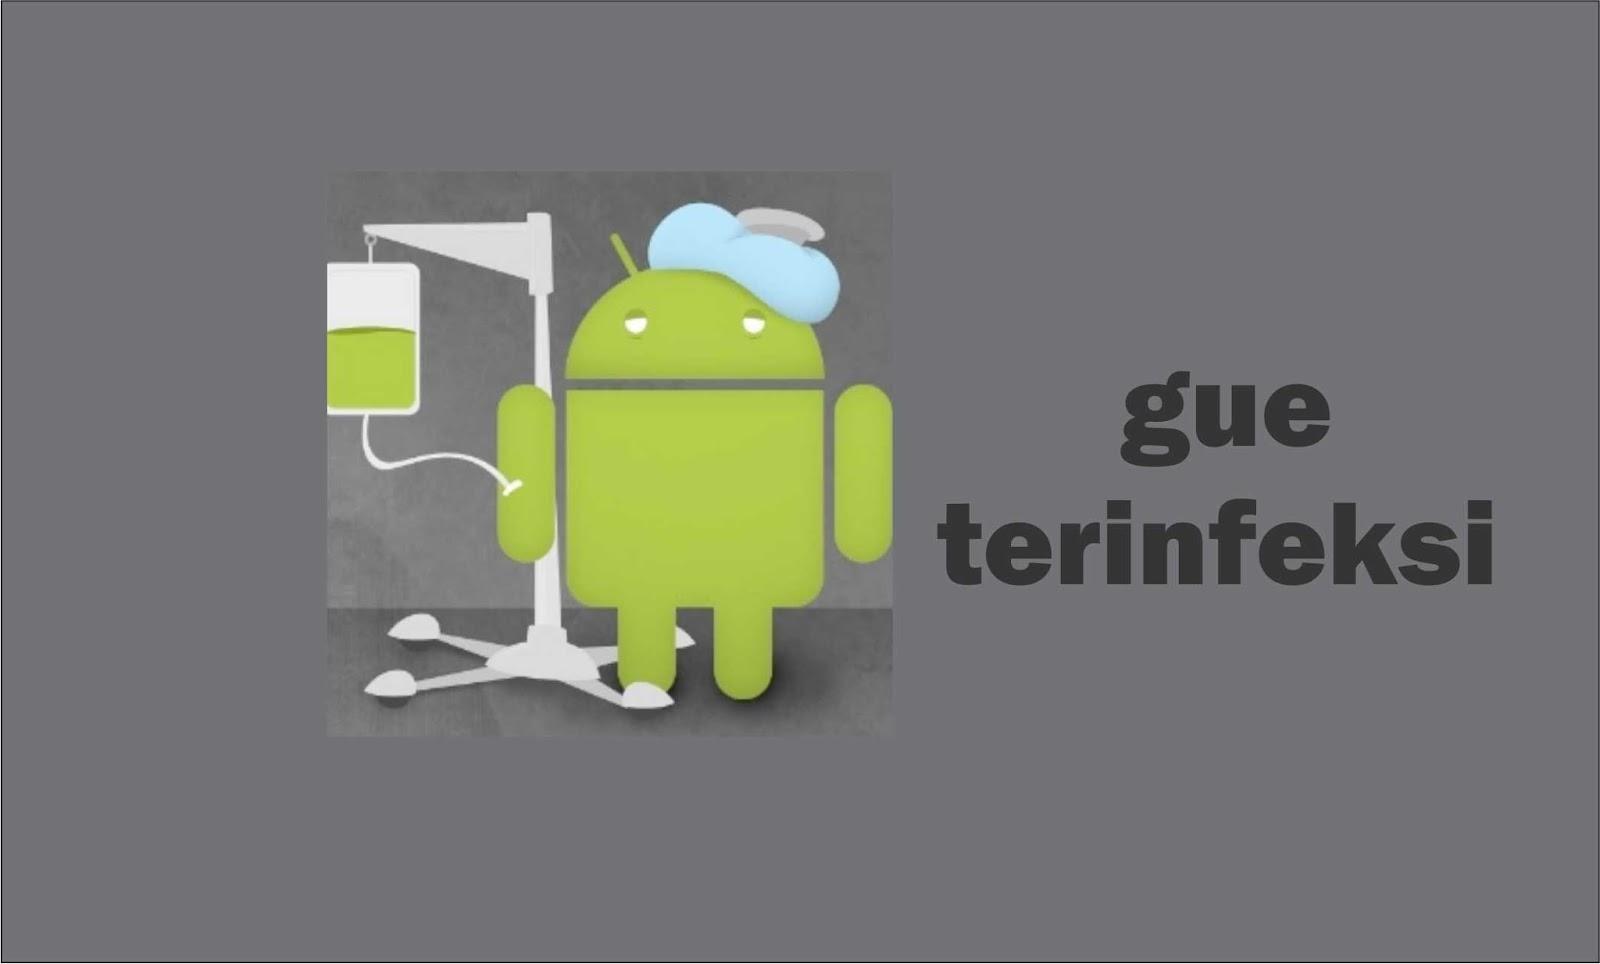 Cara Jitu Membersihkan Virus Bandel Di Android Terbukti Berhasil